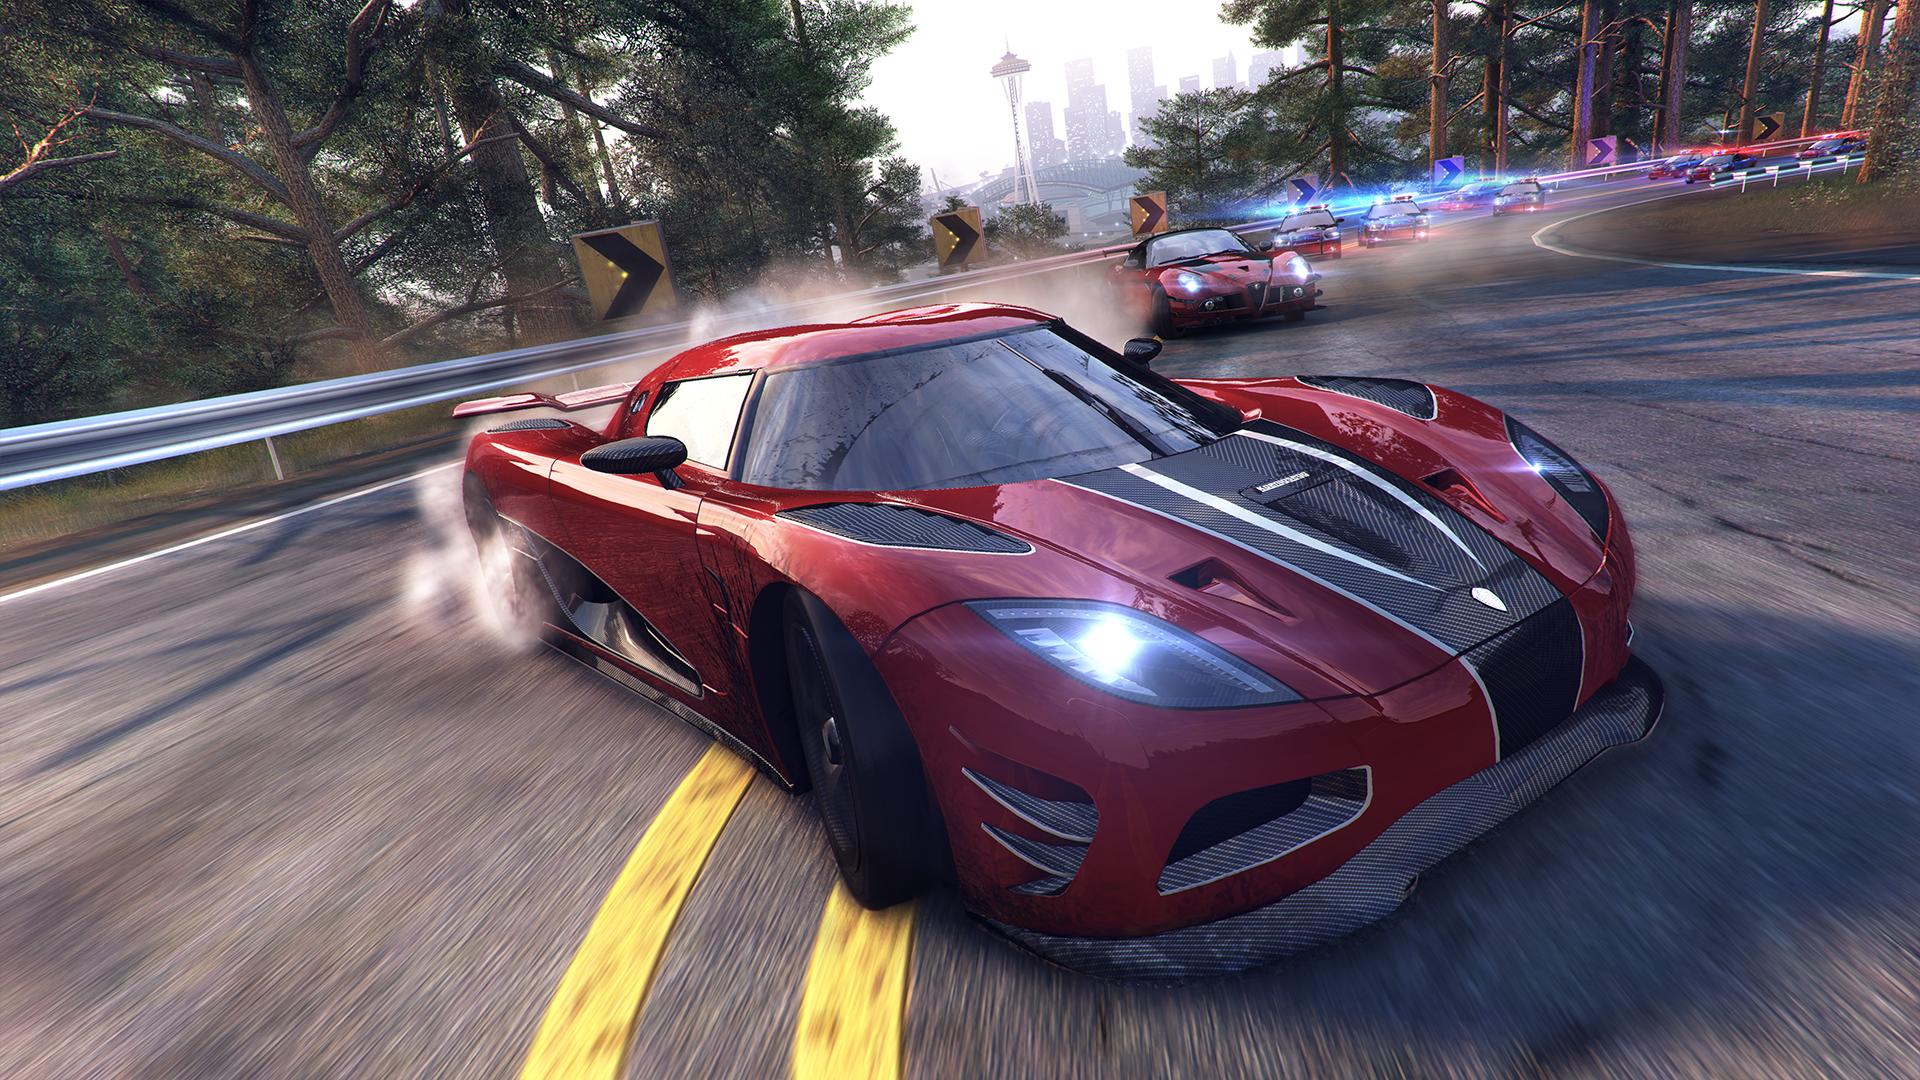 The Crew, développé sur PC, Xbox One et Playstation 4 par le studio lyonnais Ivory Tower pour Ubisoft, porté sur Xbox 360 par les Bordelais d'Asobo Studio.